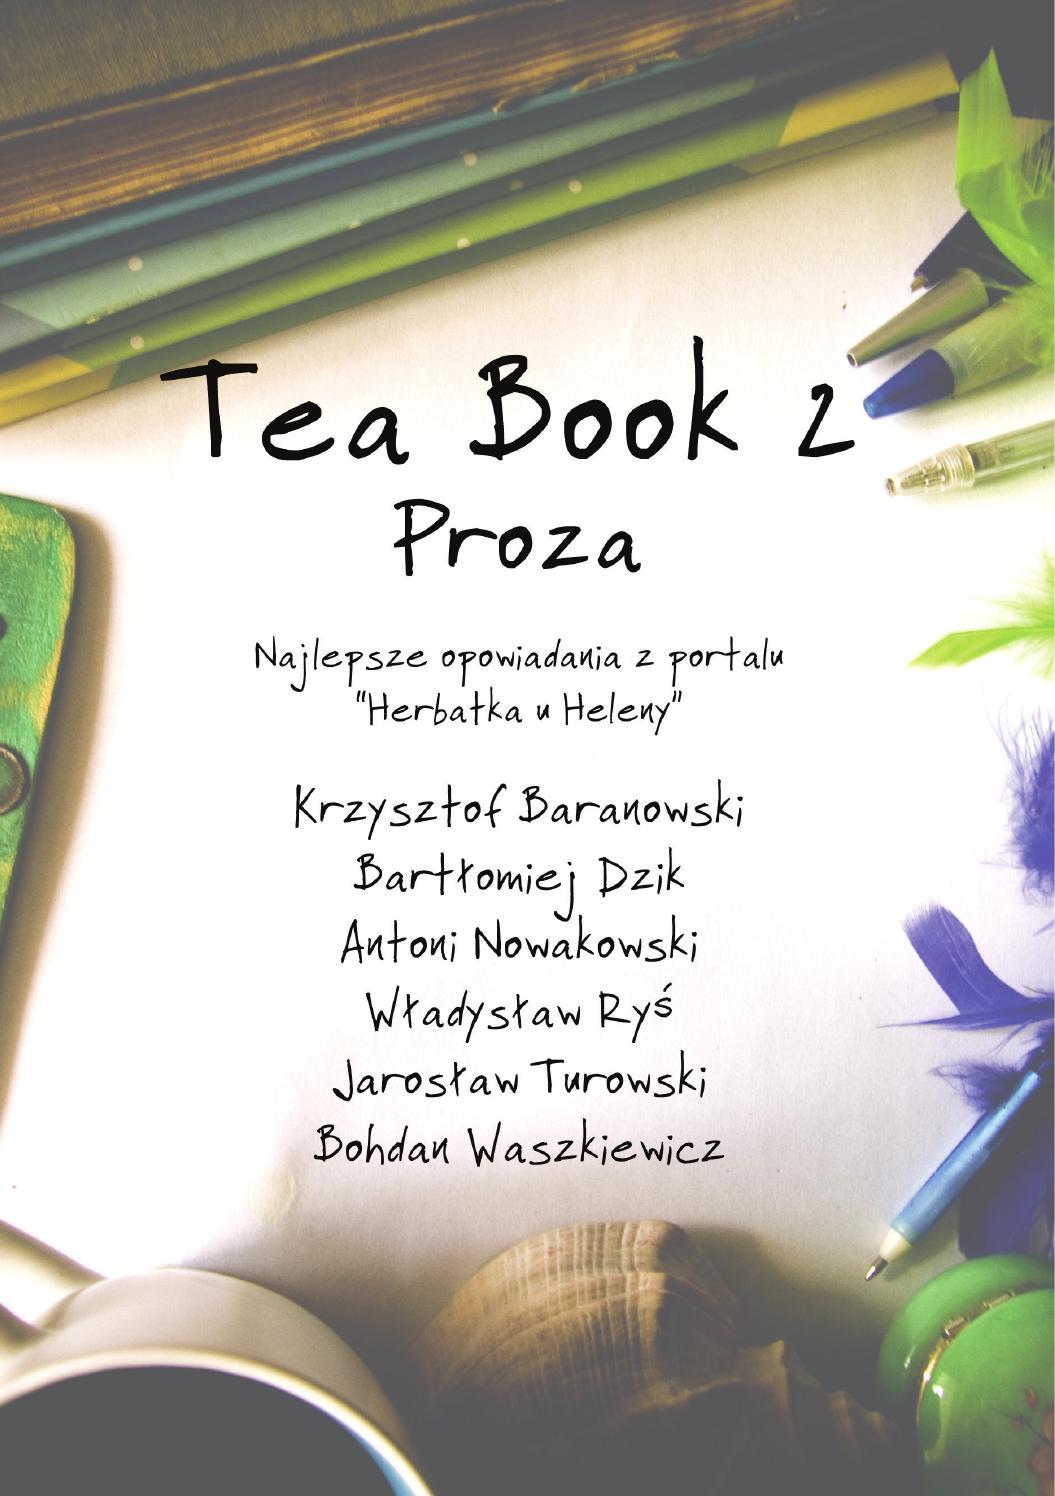 Tea Book 2 Proza By Herbatka U Heleny Issuu